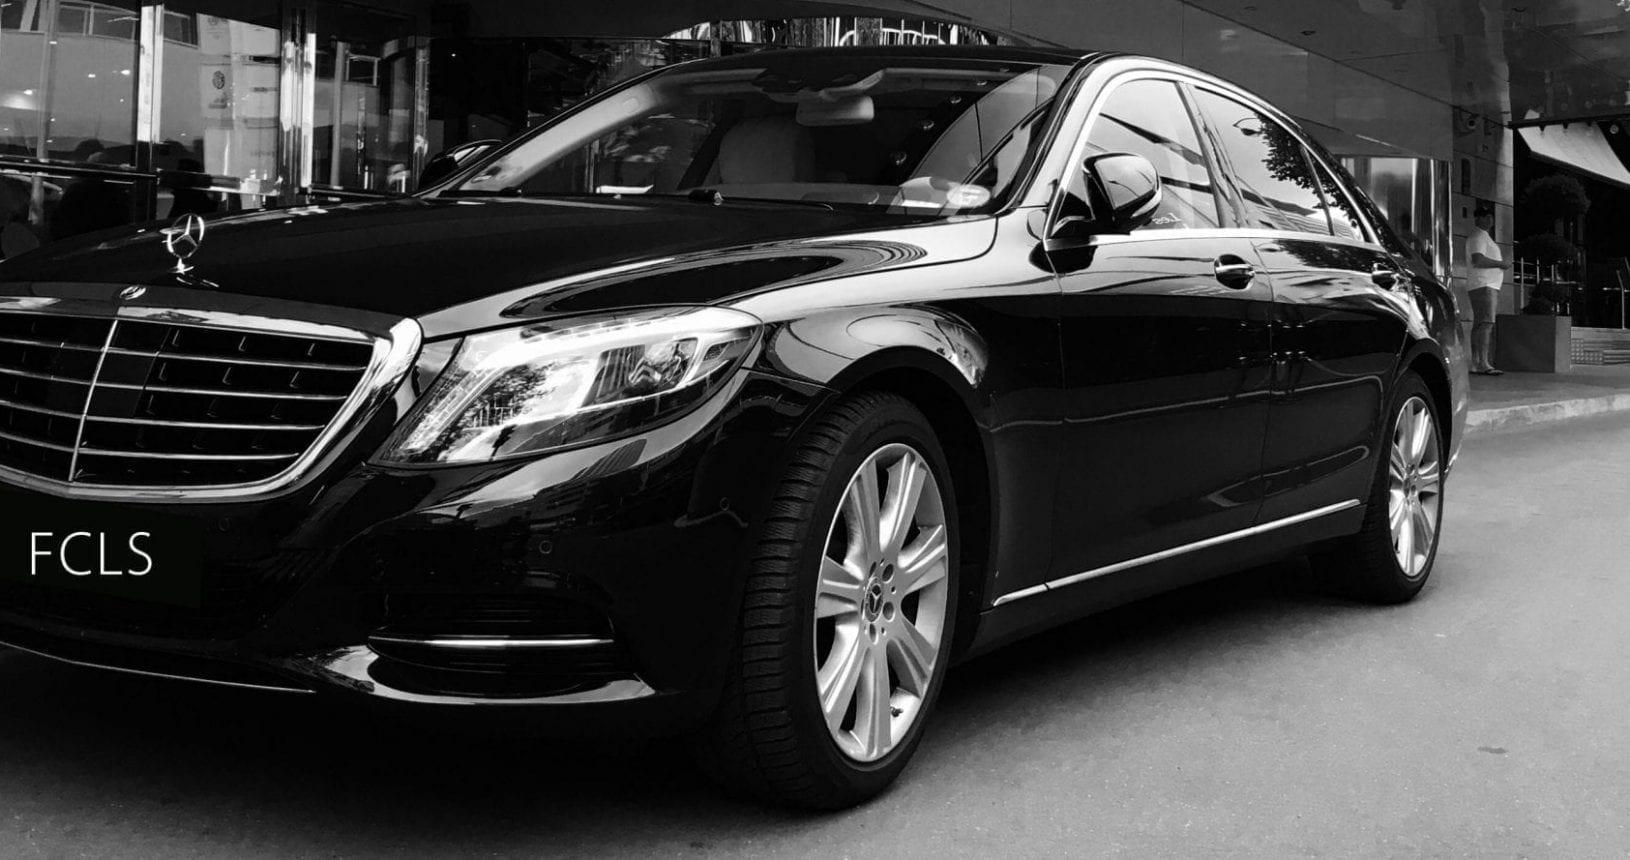 Location de Mercedes-Benz Classe S Limousine avec chauffeur à Paris pour tous types d'évènements (Fashion Week, Paris Air Show, Eurosatory, Paris Motor Show, Roland Garros...).